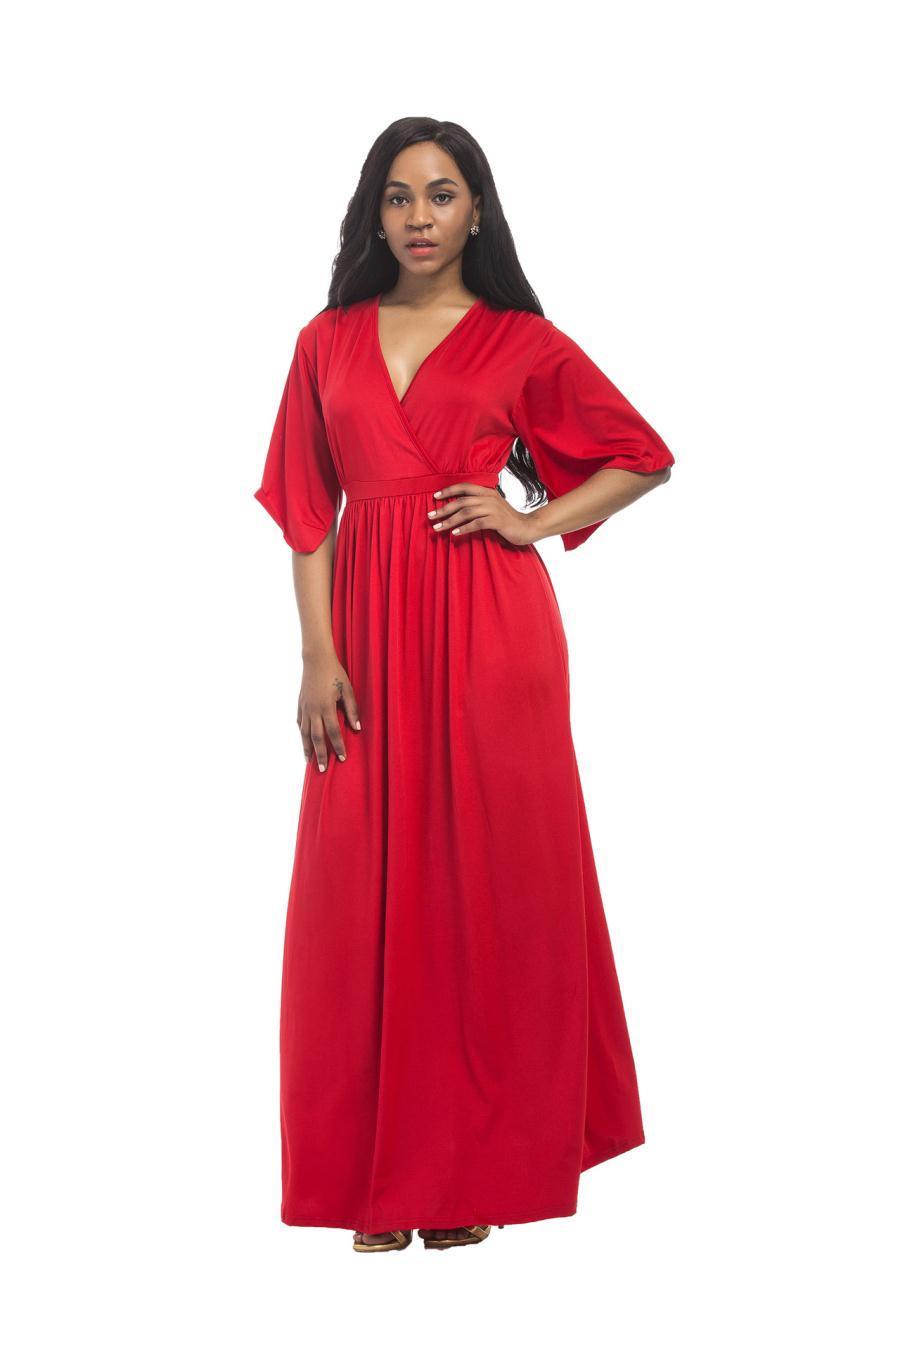 beiläufige kleider damenbekleidung weiß, rot, schwarz, dunkelblau,  königsblau, militär-grau v-ausschnitt amazon heißes neues sexy plus size wom